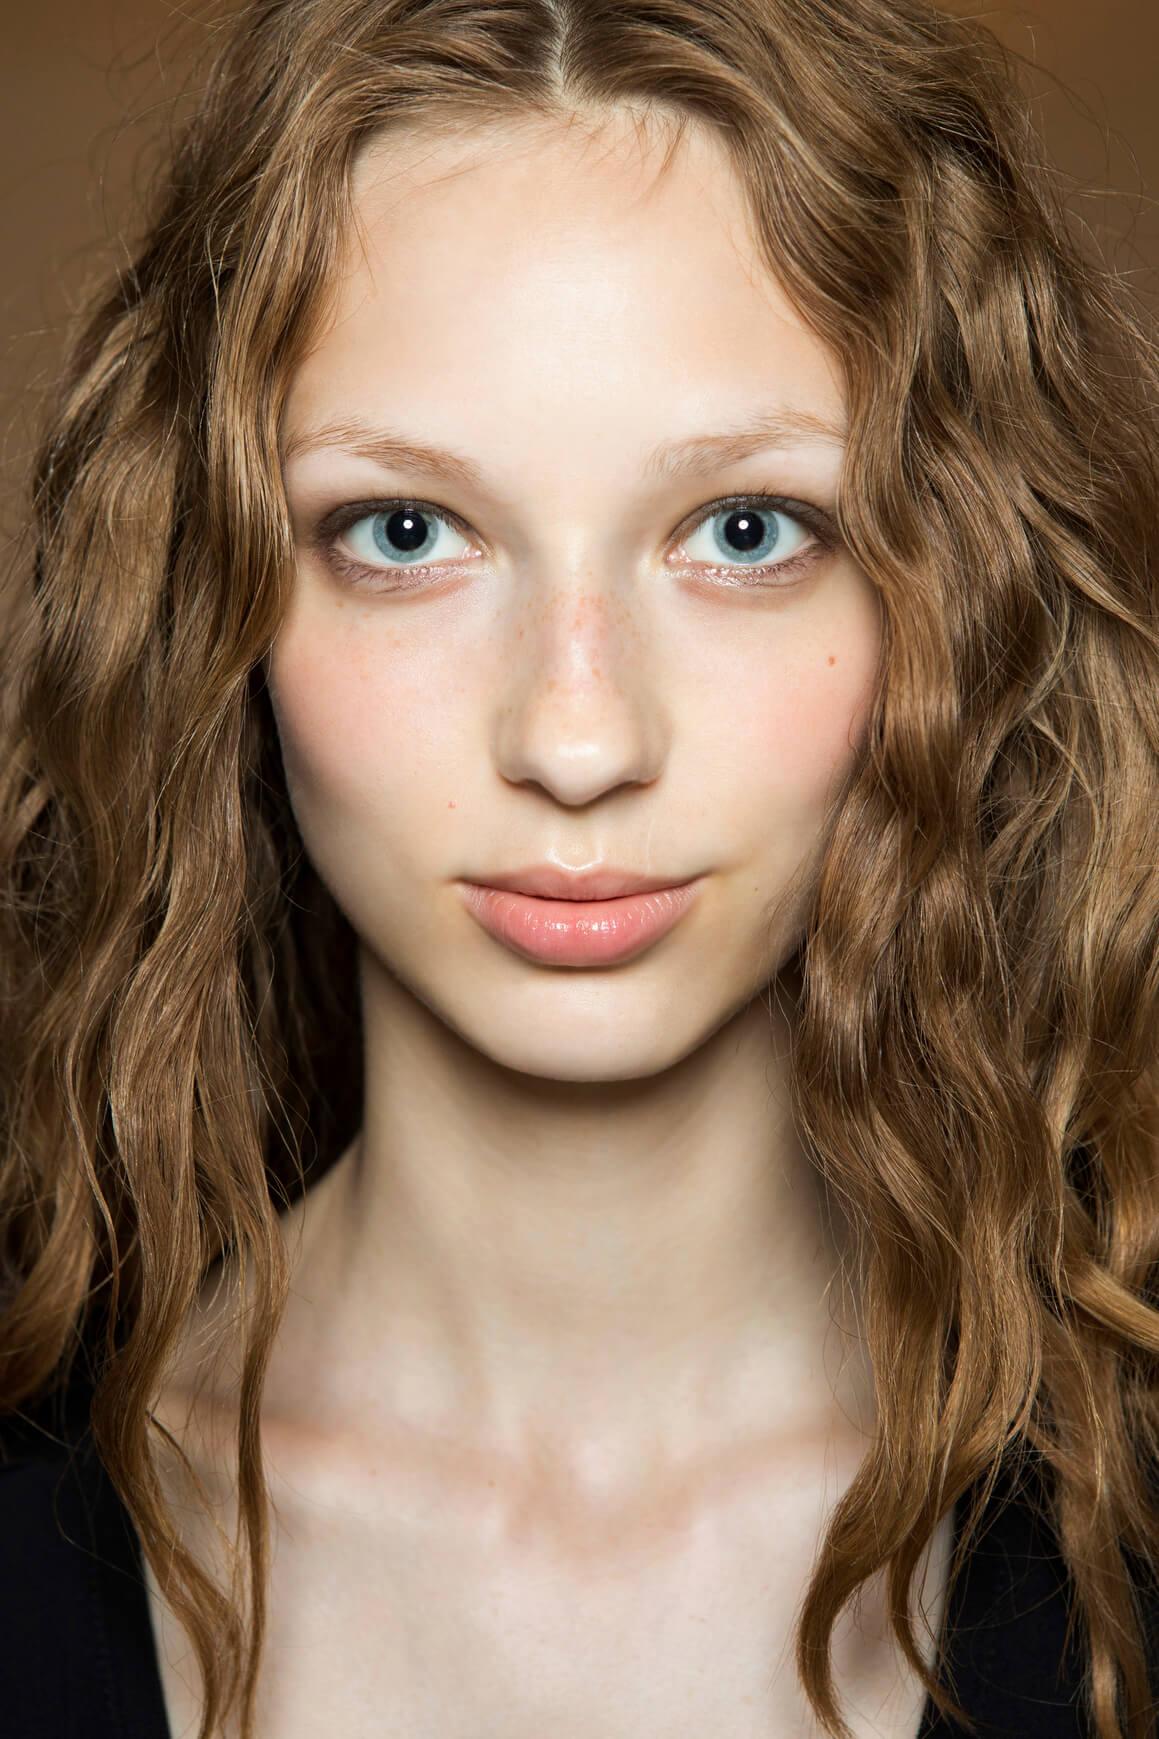 kosmetyki z węglem aktywnym i ich działanie